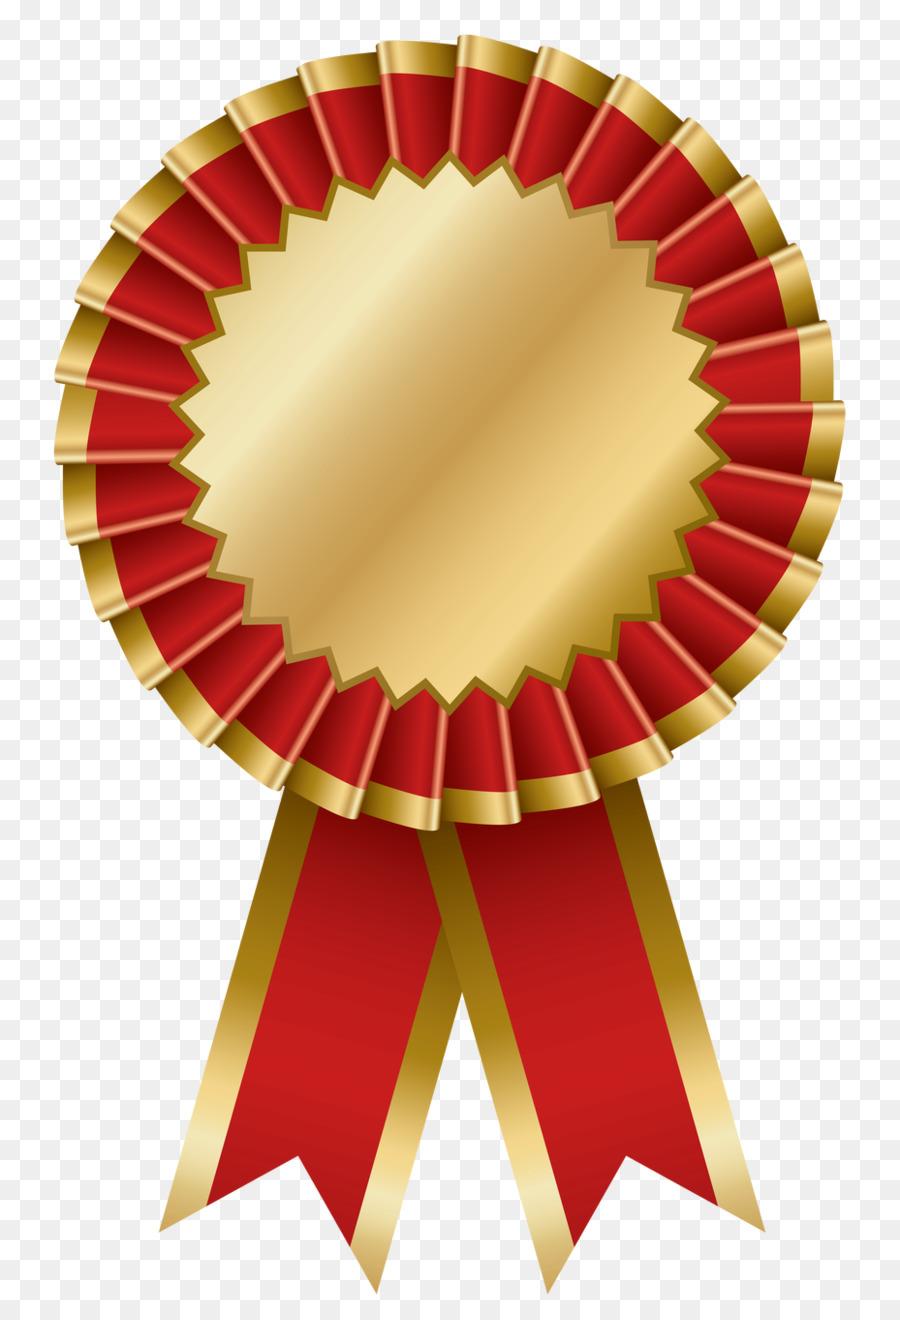 award medals sign symbols - HD4053×5926